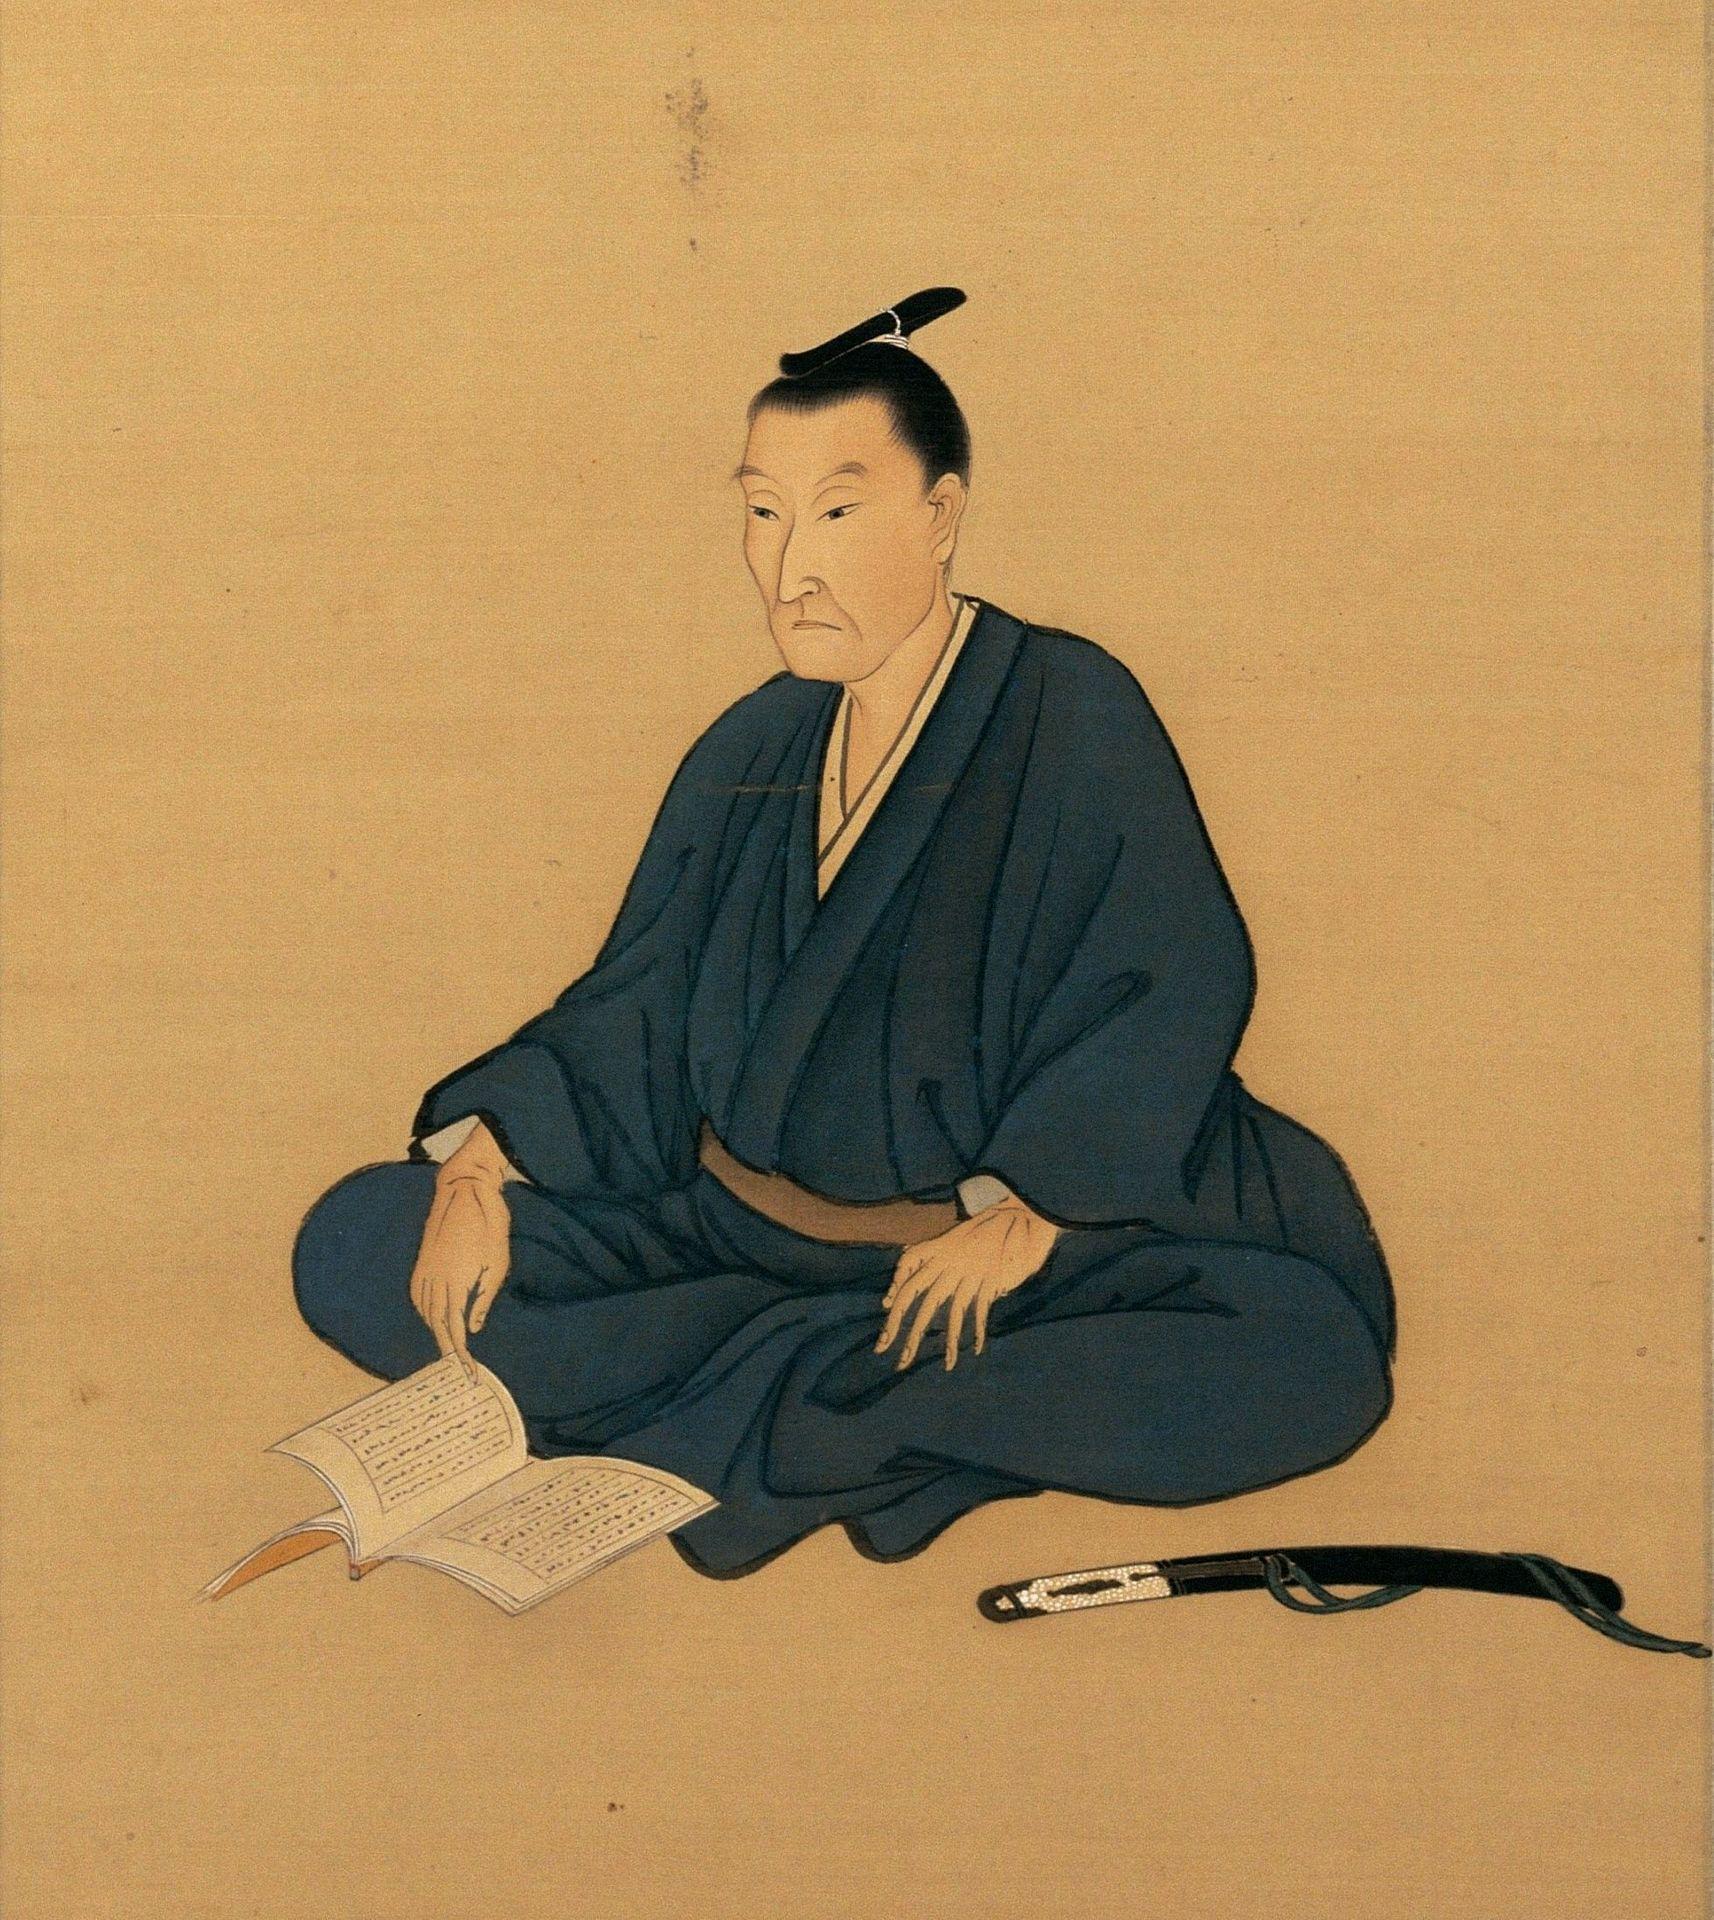 吉田 松陰【よしだ しょういん】Wikipediaより